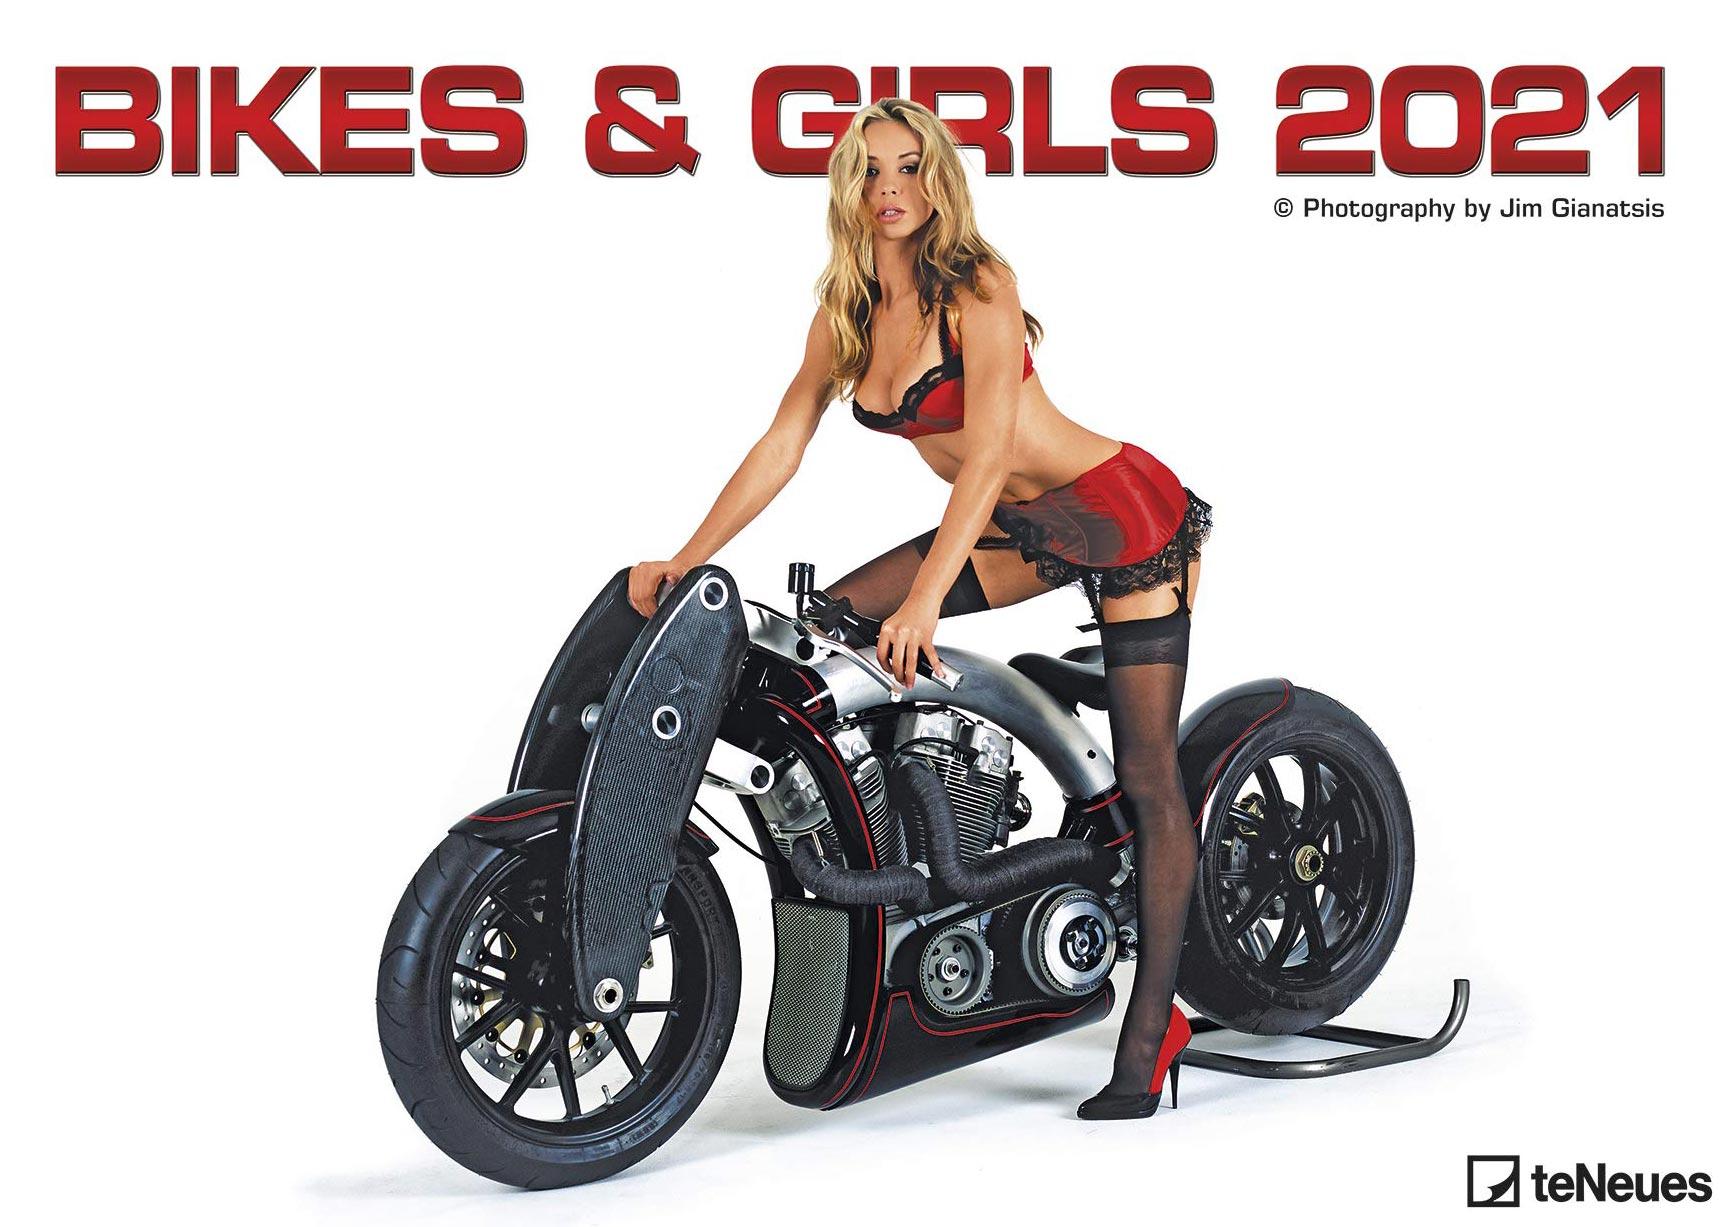 Девушки и мотоциклы в календаре на 2021 год / обложка